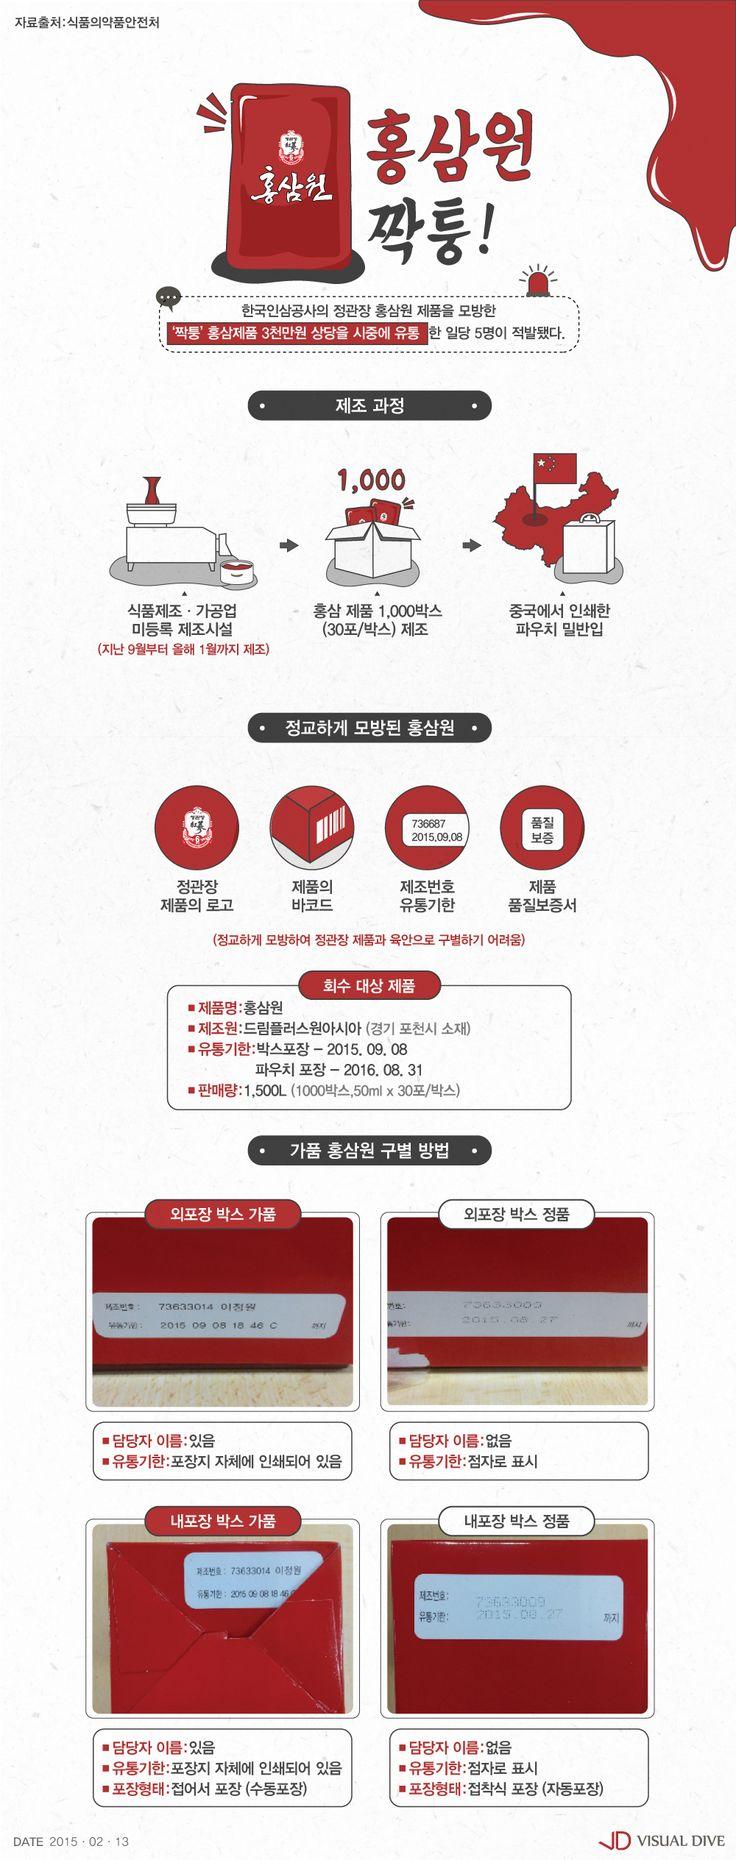 설 대목 노린 '짝퉁' 홍삼원 등장…소비자 피해 주의 [인포그래픽] #ginseng steamed red / #Infographic ⓒ 비주얼다이브 무단 복사·전재·재배포 금지